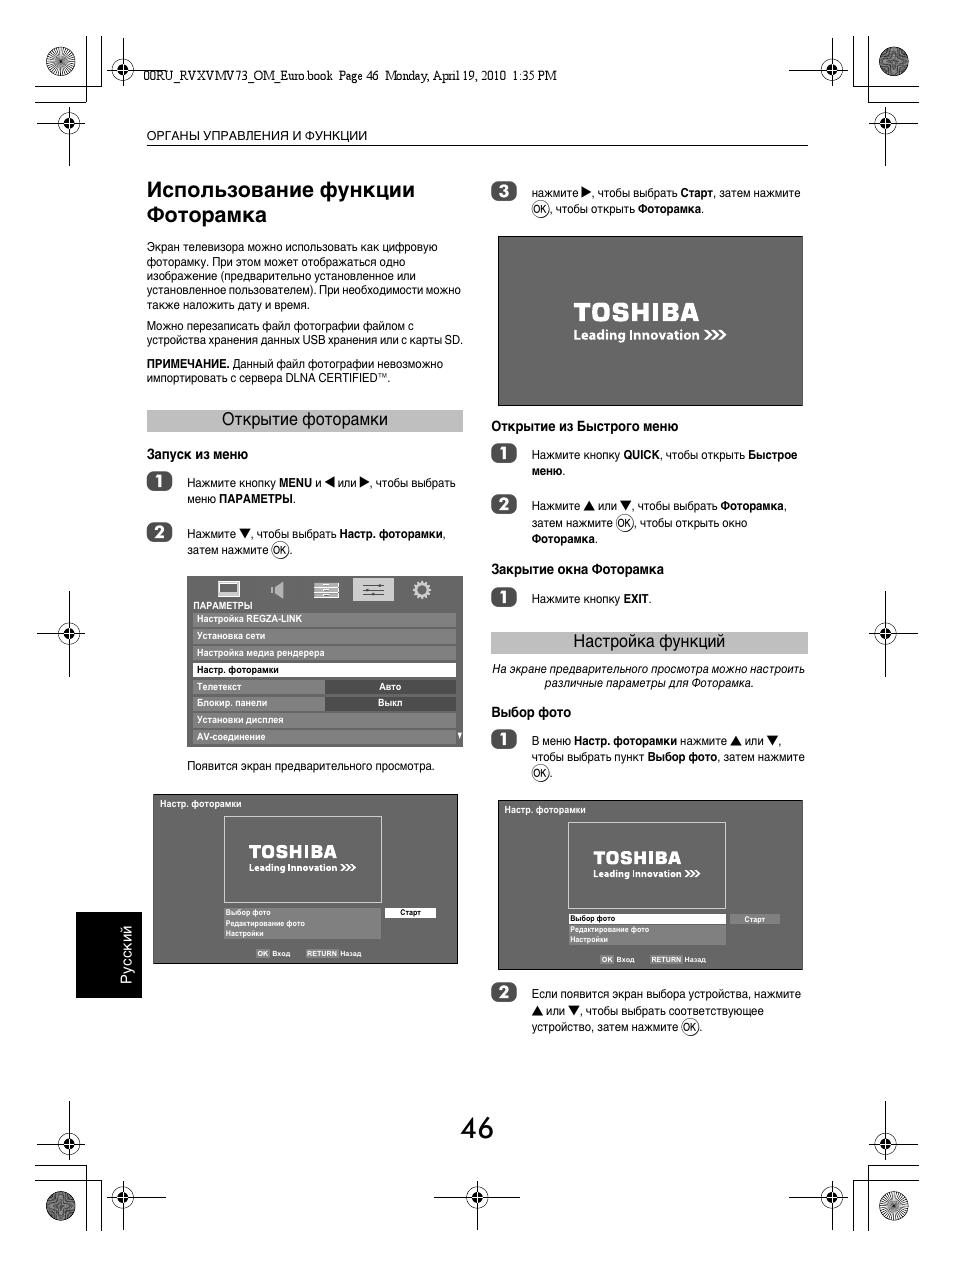 Инструкции по эксплуатации фоторамки